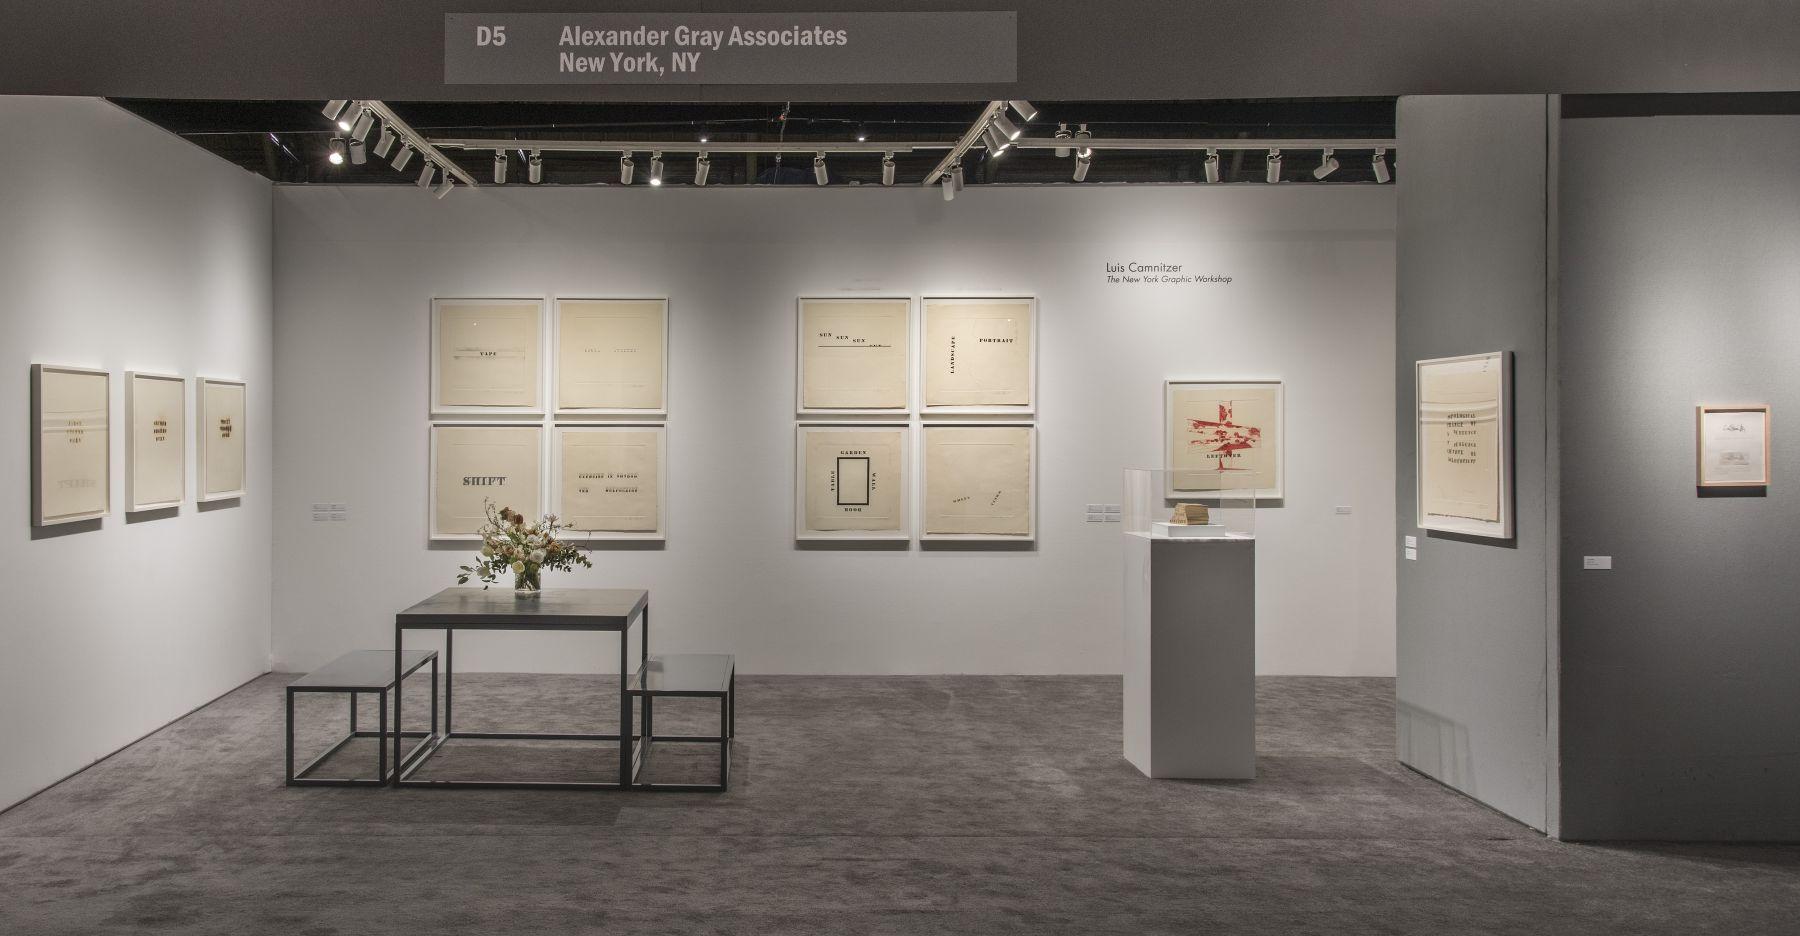 Alexander Gray AssociatesADAA: The Art Show 2017Installation view